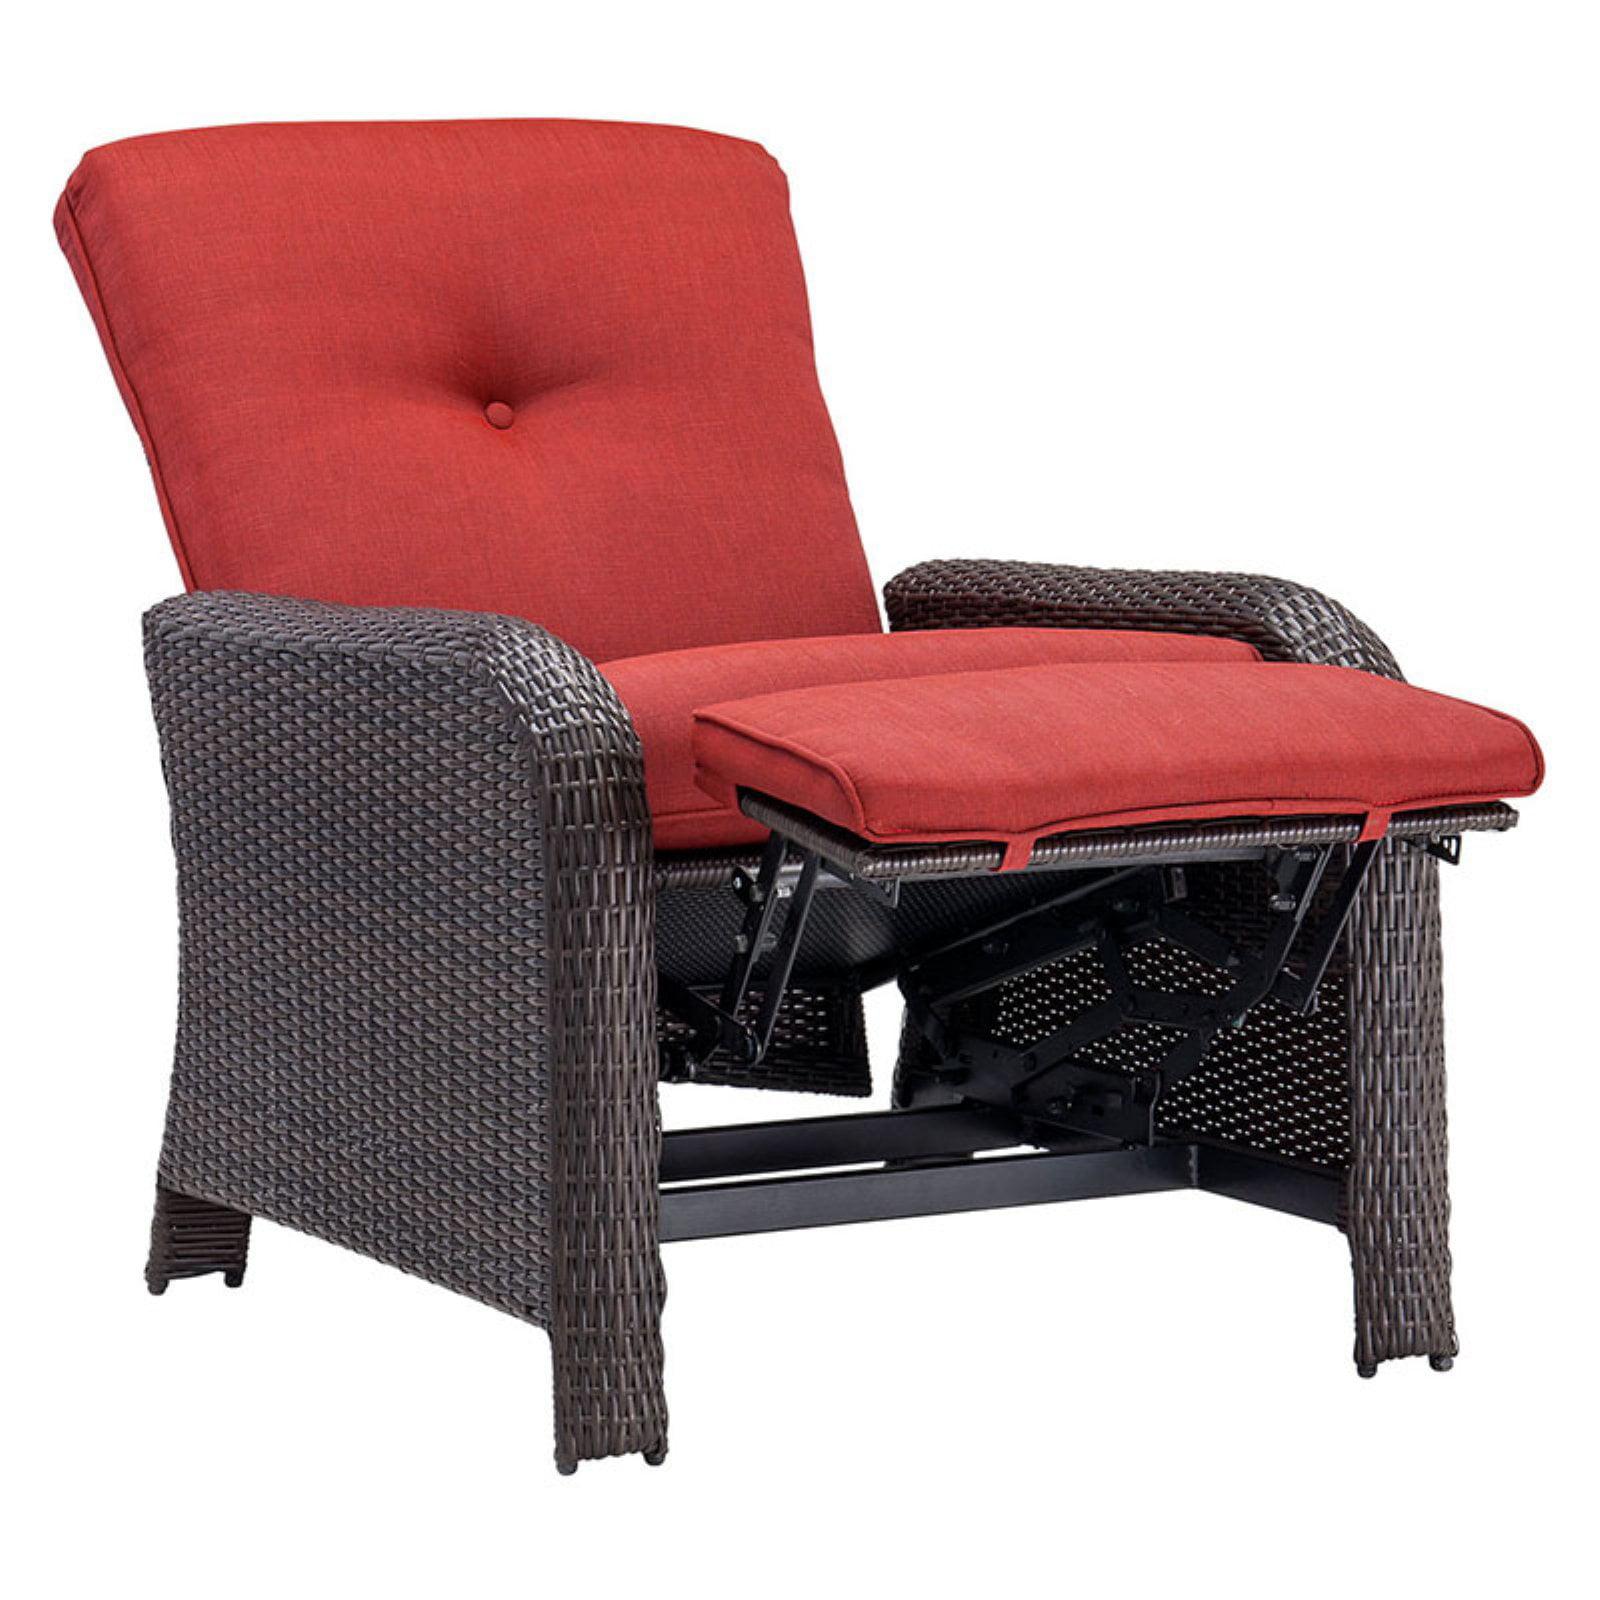 Outdoor Luxury Recliner, Crimson Red